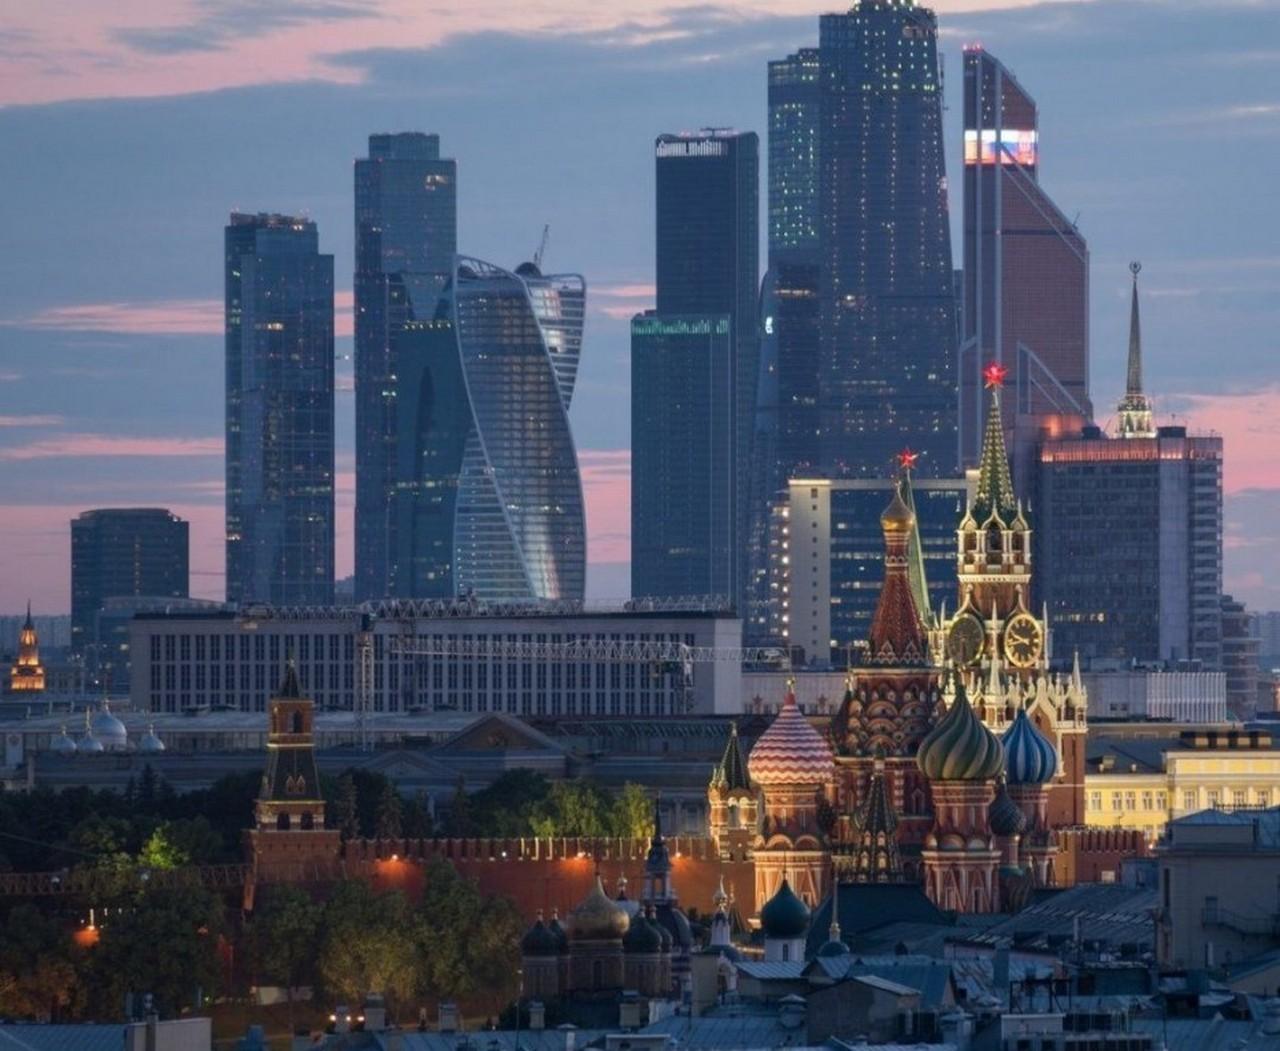 Диана Кади: Борьба Америки и Китая России выгодна новости,события,политика